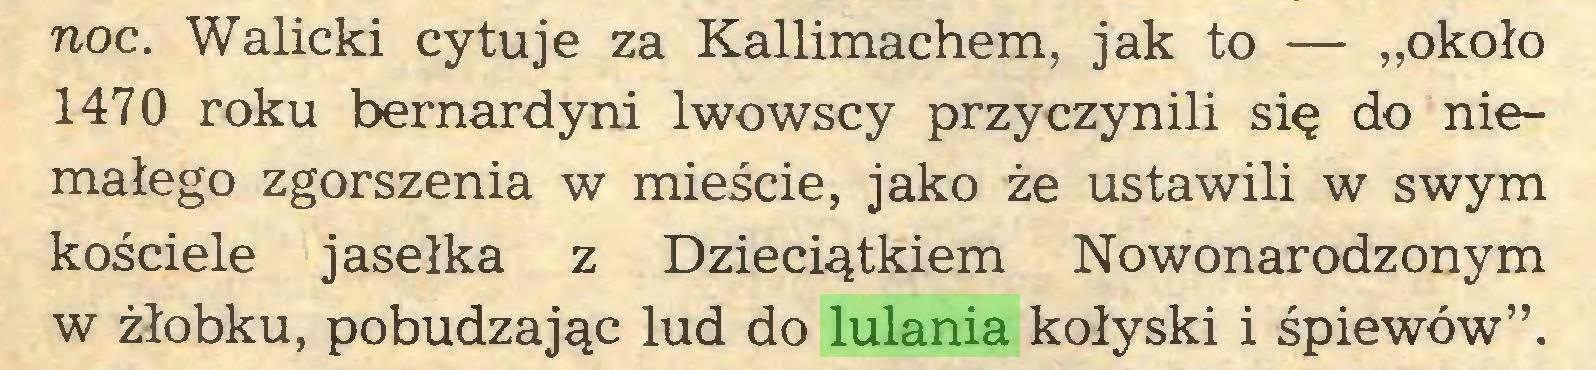 """(...) noc. Walicki cytuje za Kallimachem, jak to — """"około 1470 roku bernardyni lwowscy przyczynili się do niemałego zgorszenia w mieście, jako że ustawili w swym kościele jasełka z Dzieciątkiem Nowonarodzonym w żłobku, pobudzając lud do lulania kołyski i śpiewów""""..."""